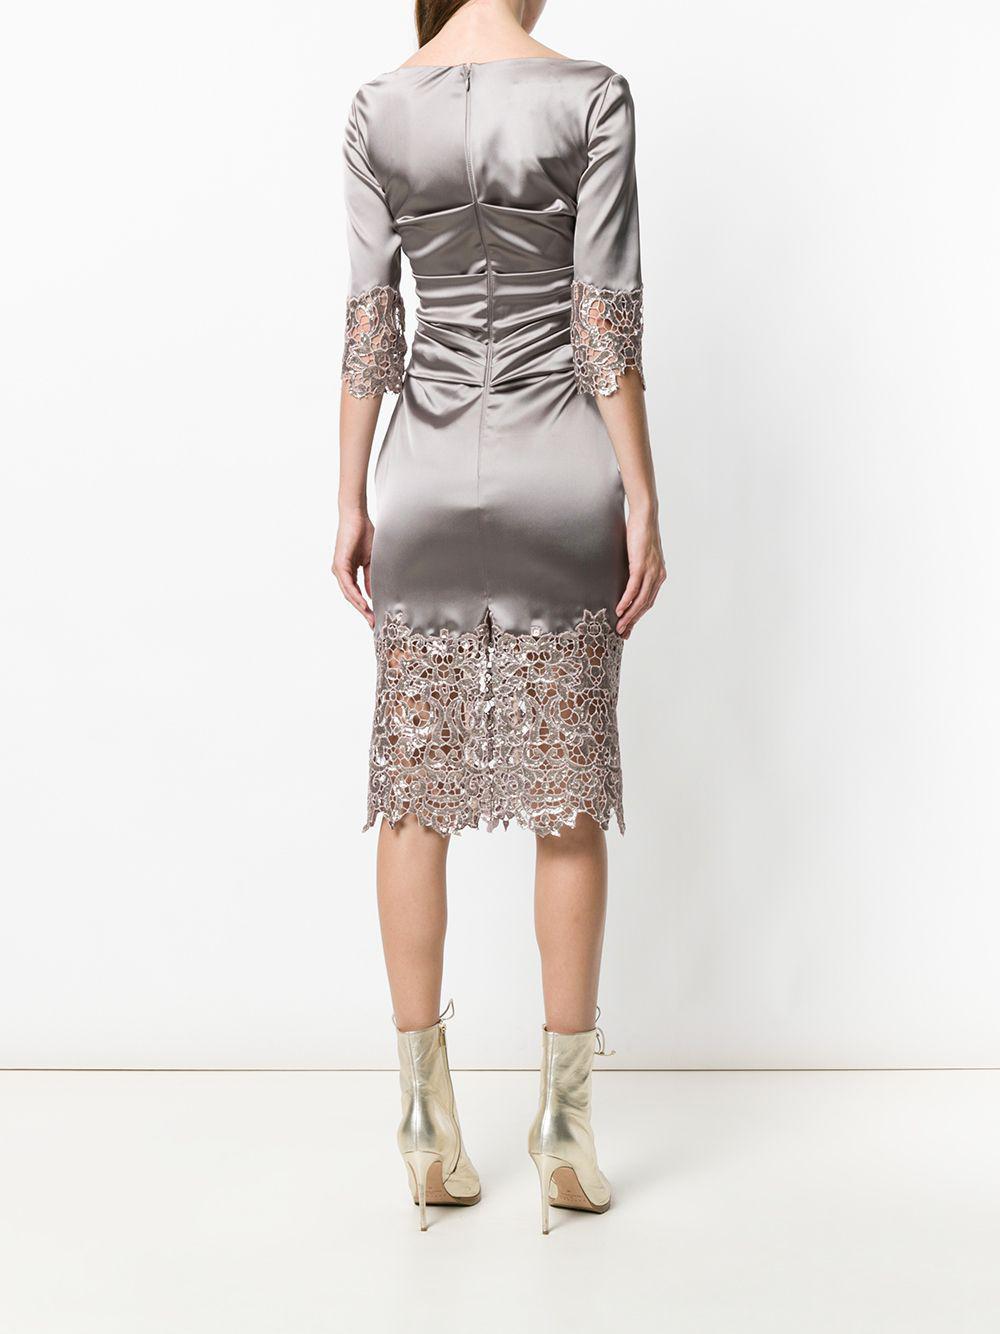 Panel Talbot vestido gris encaje Lyst Runhof de p7xqr4anp